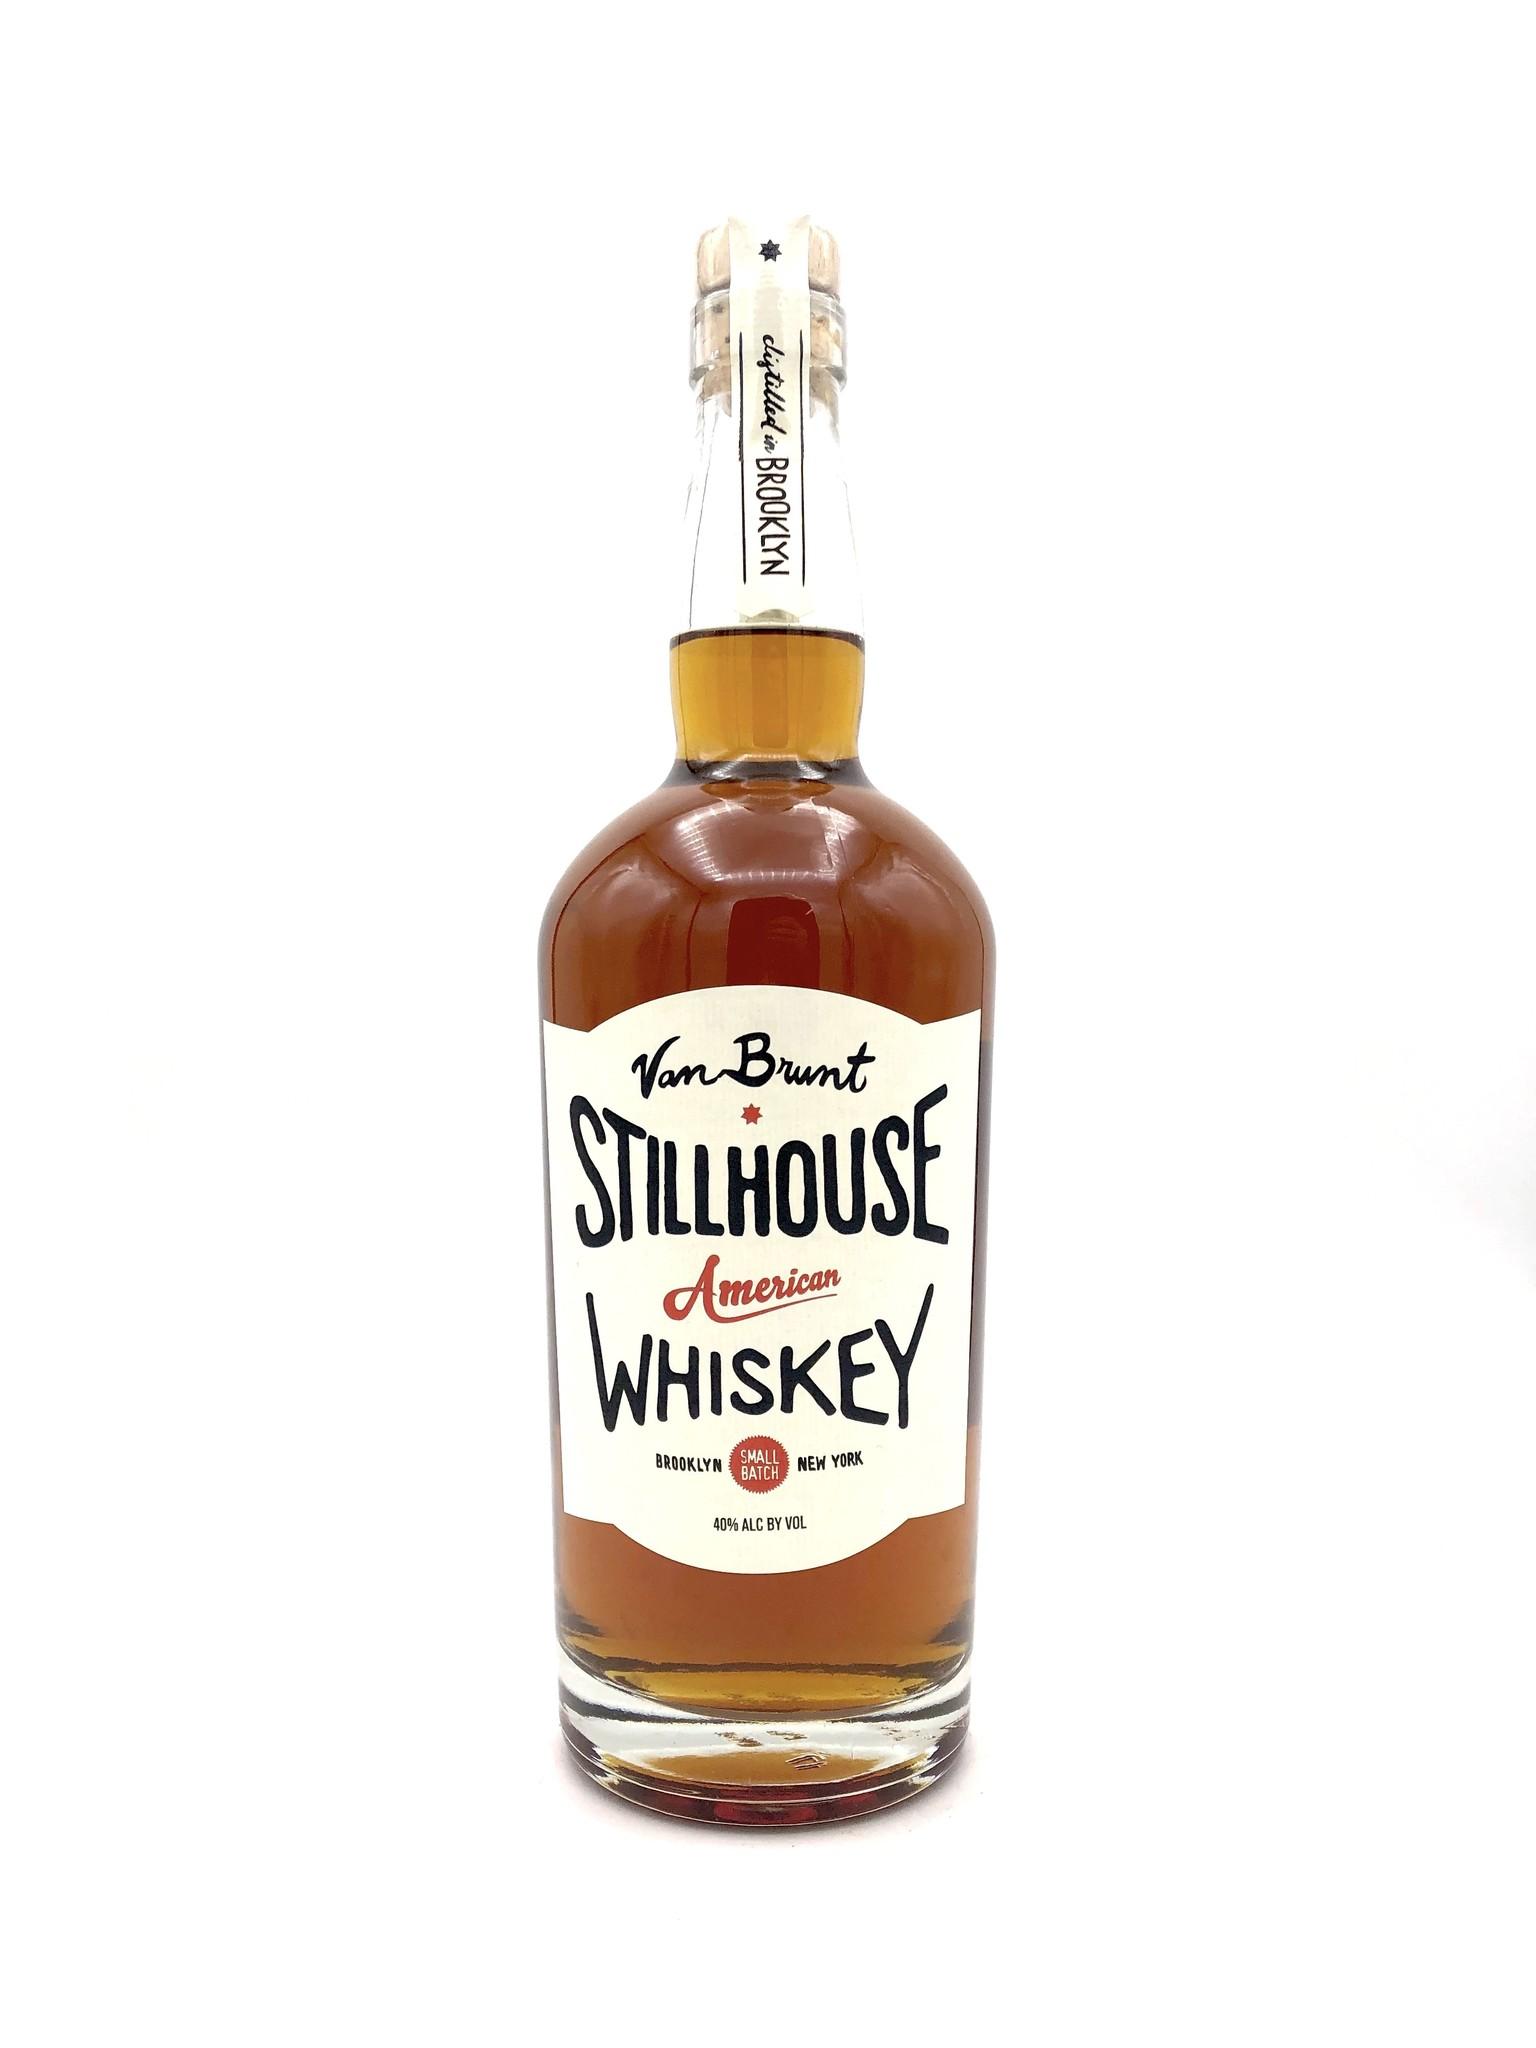 American Whiskey Van Brunt Stillhouse